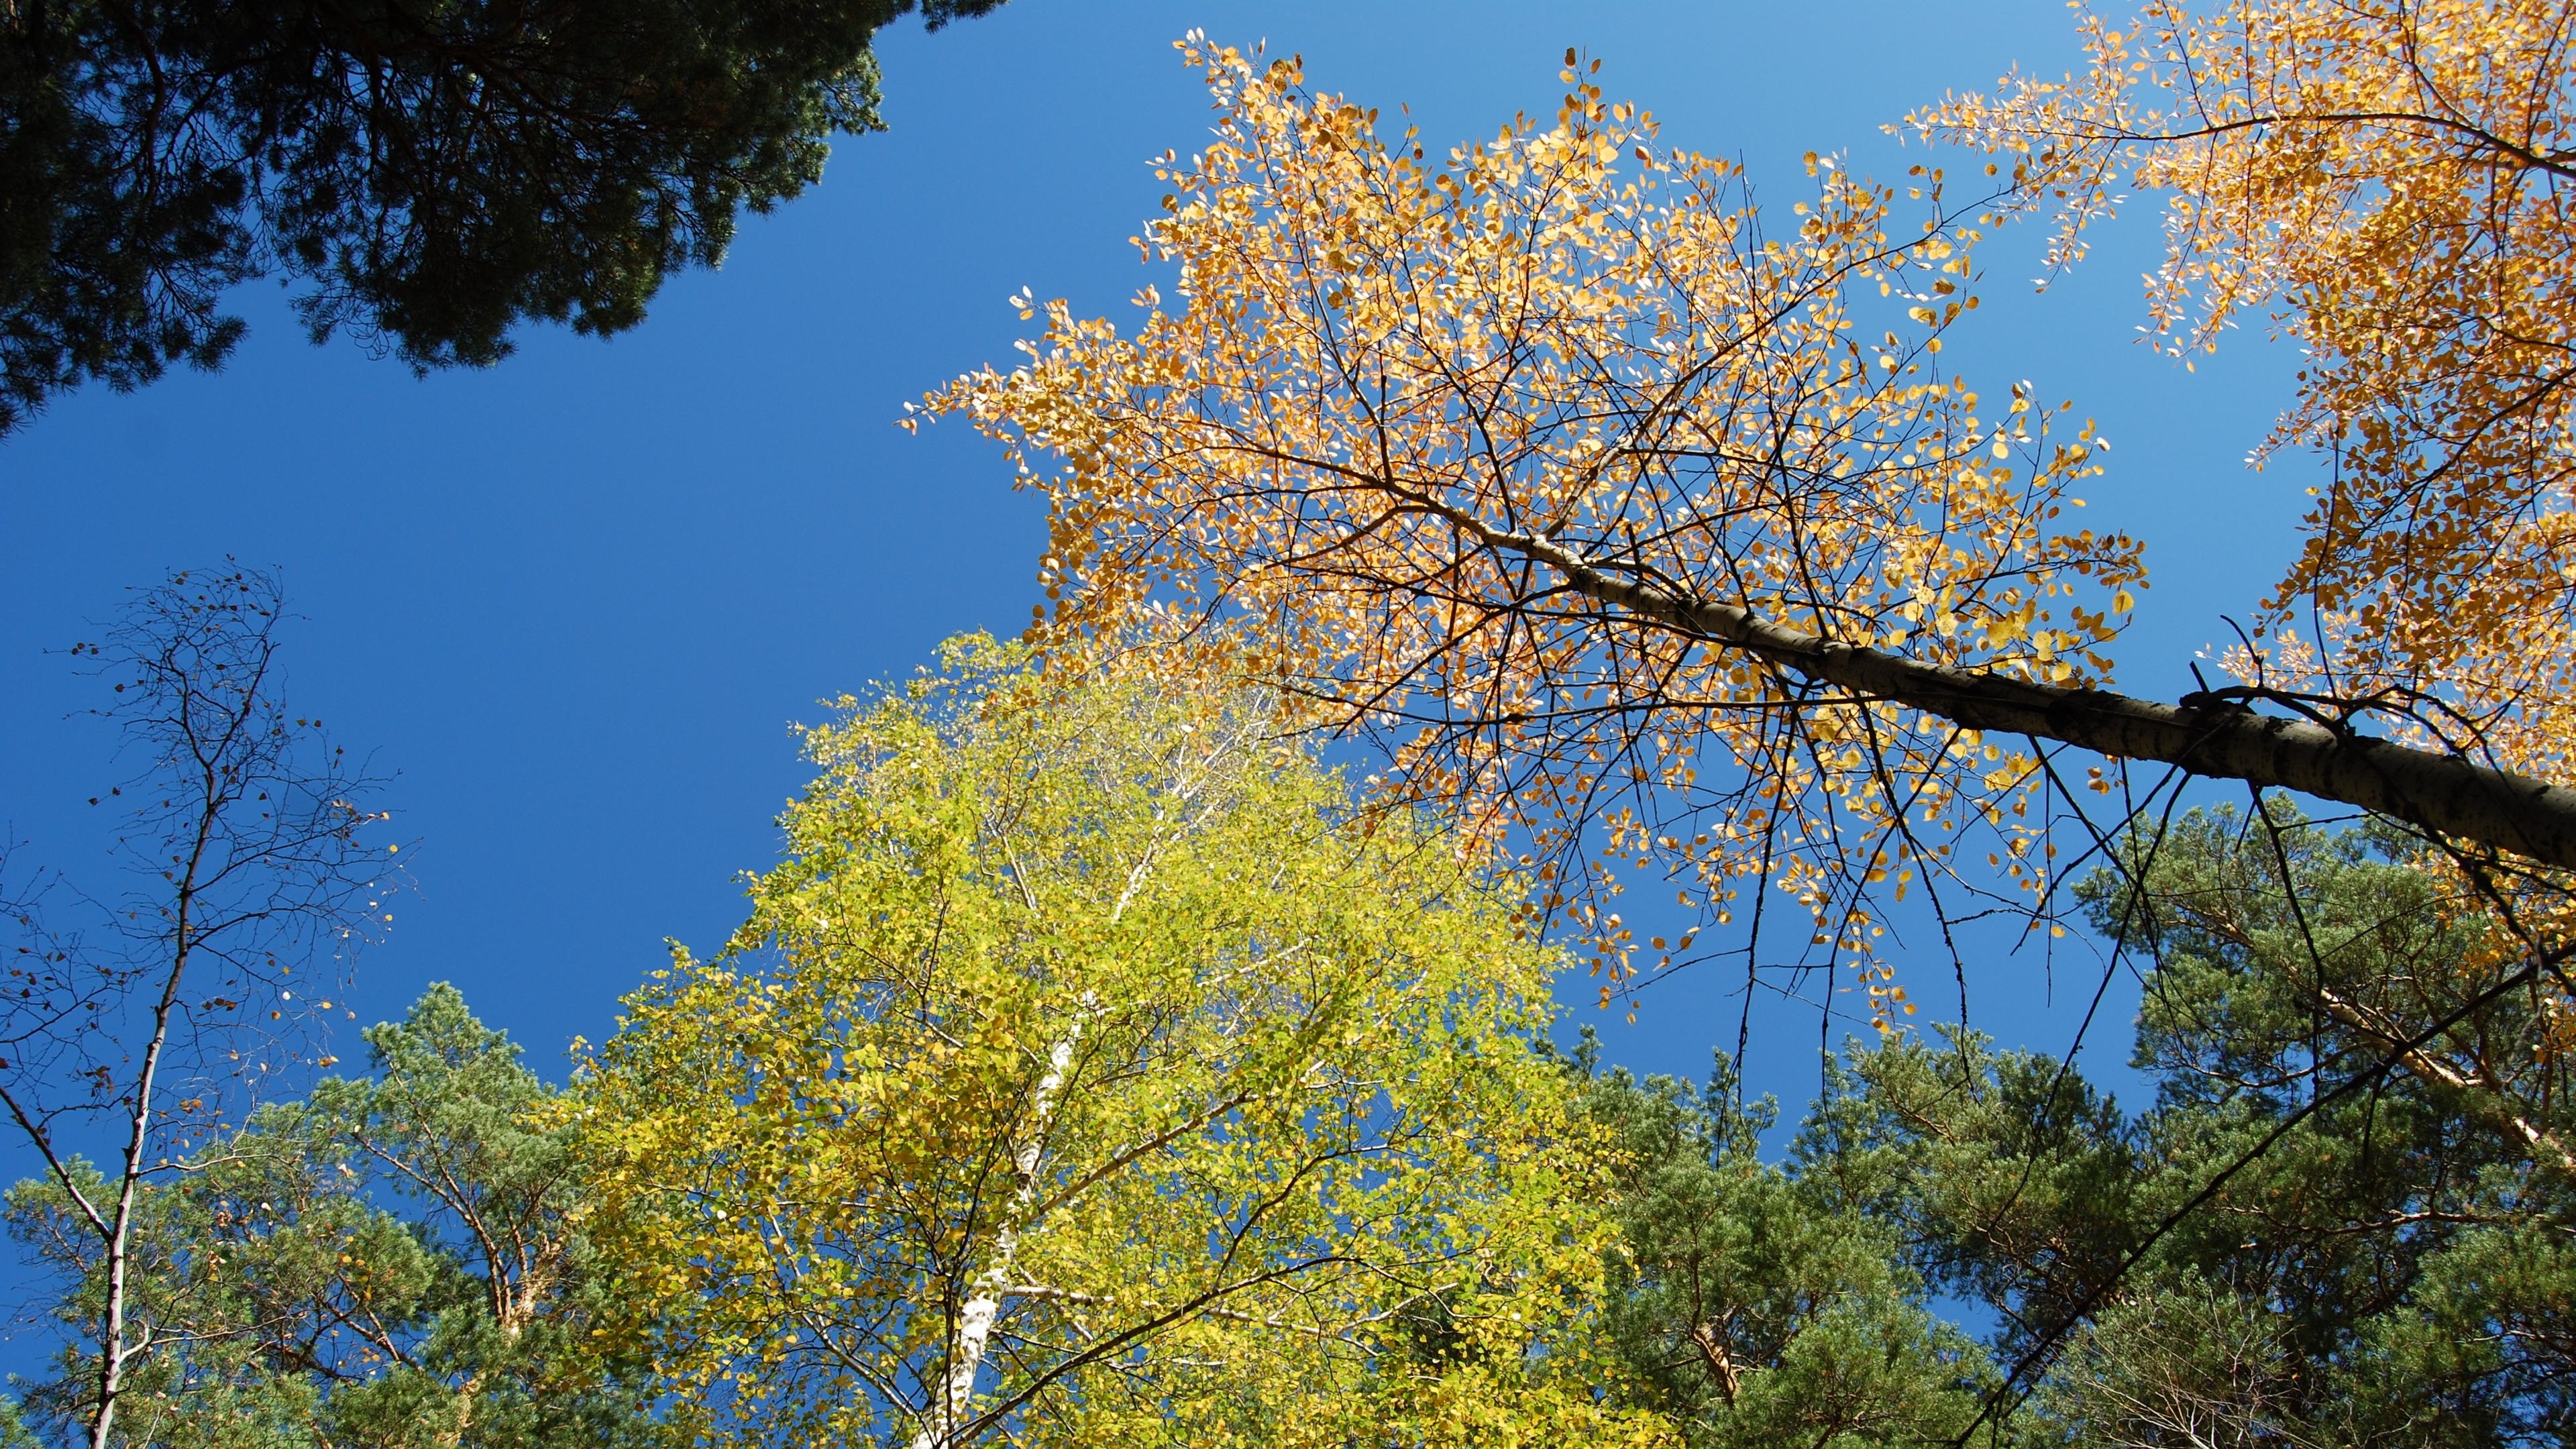 autumn forest sky 4k 1541114494 - autumn, forest, sky 4k - Sky, Forest, Autumn